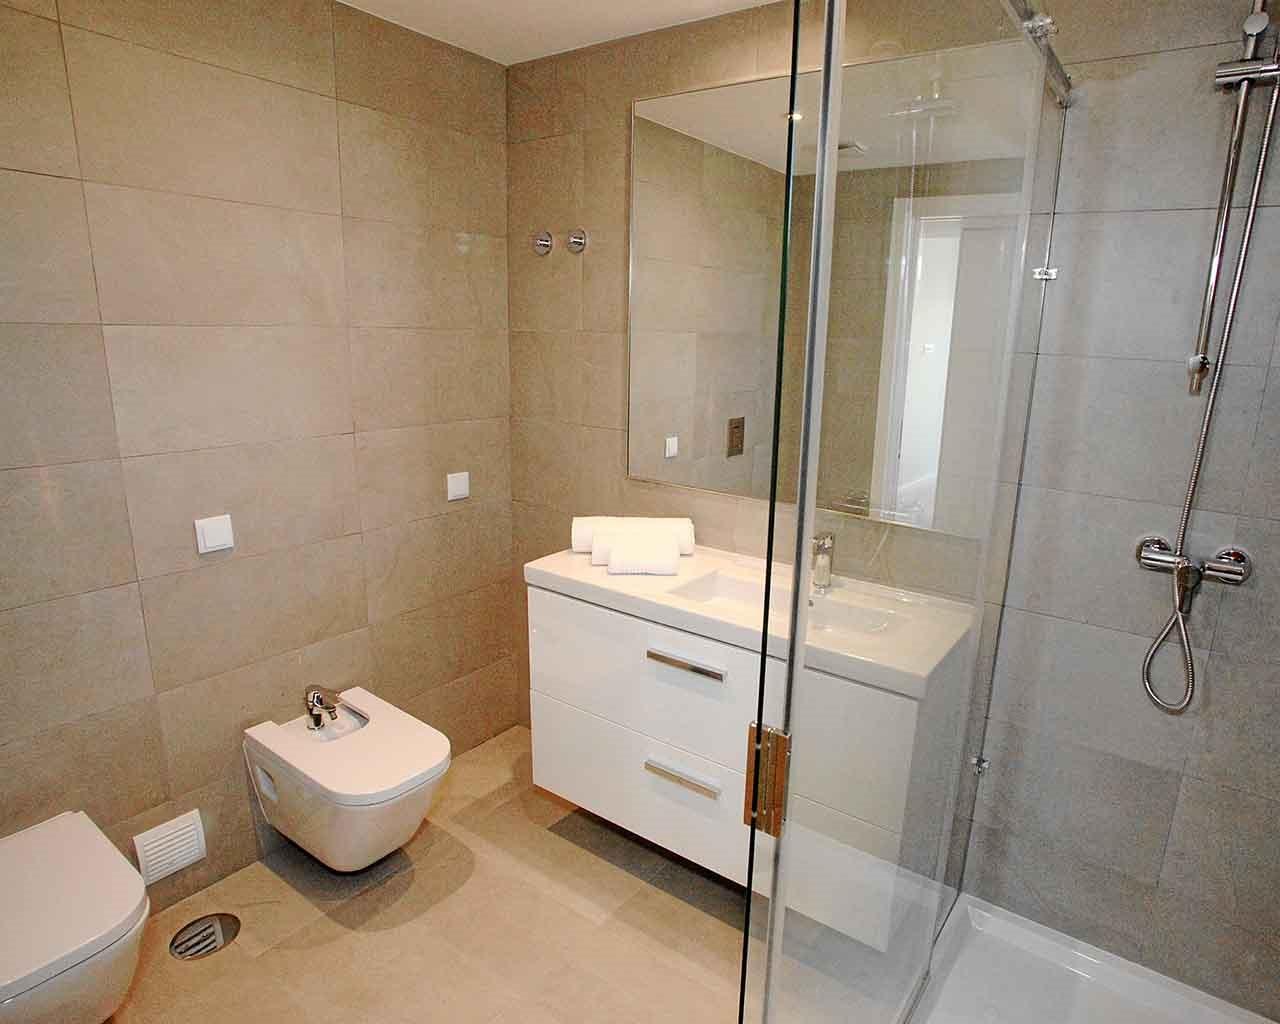 AGA_casa-de-banho-social